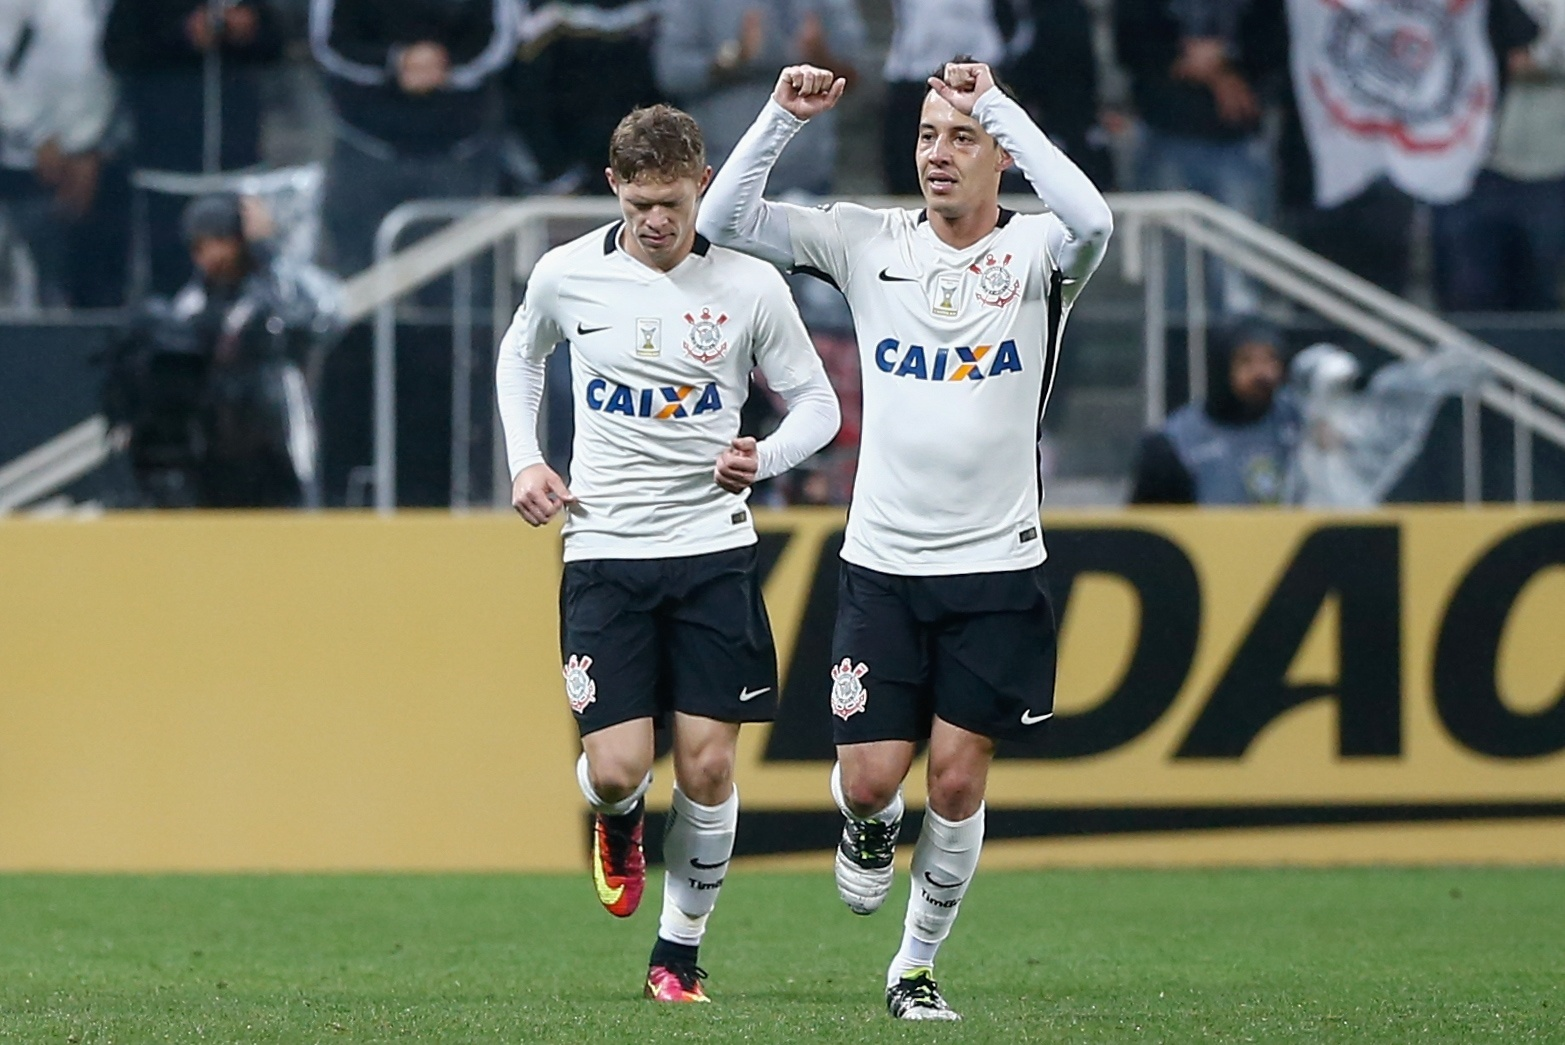 Rodriguinho marca para o Corinthians contra o Fluminense